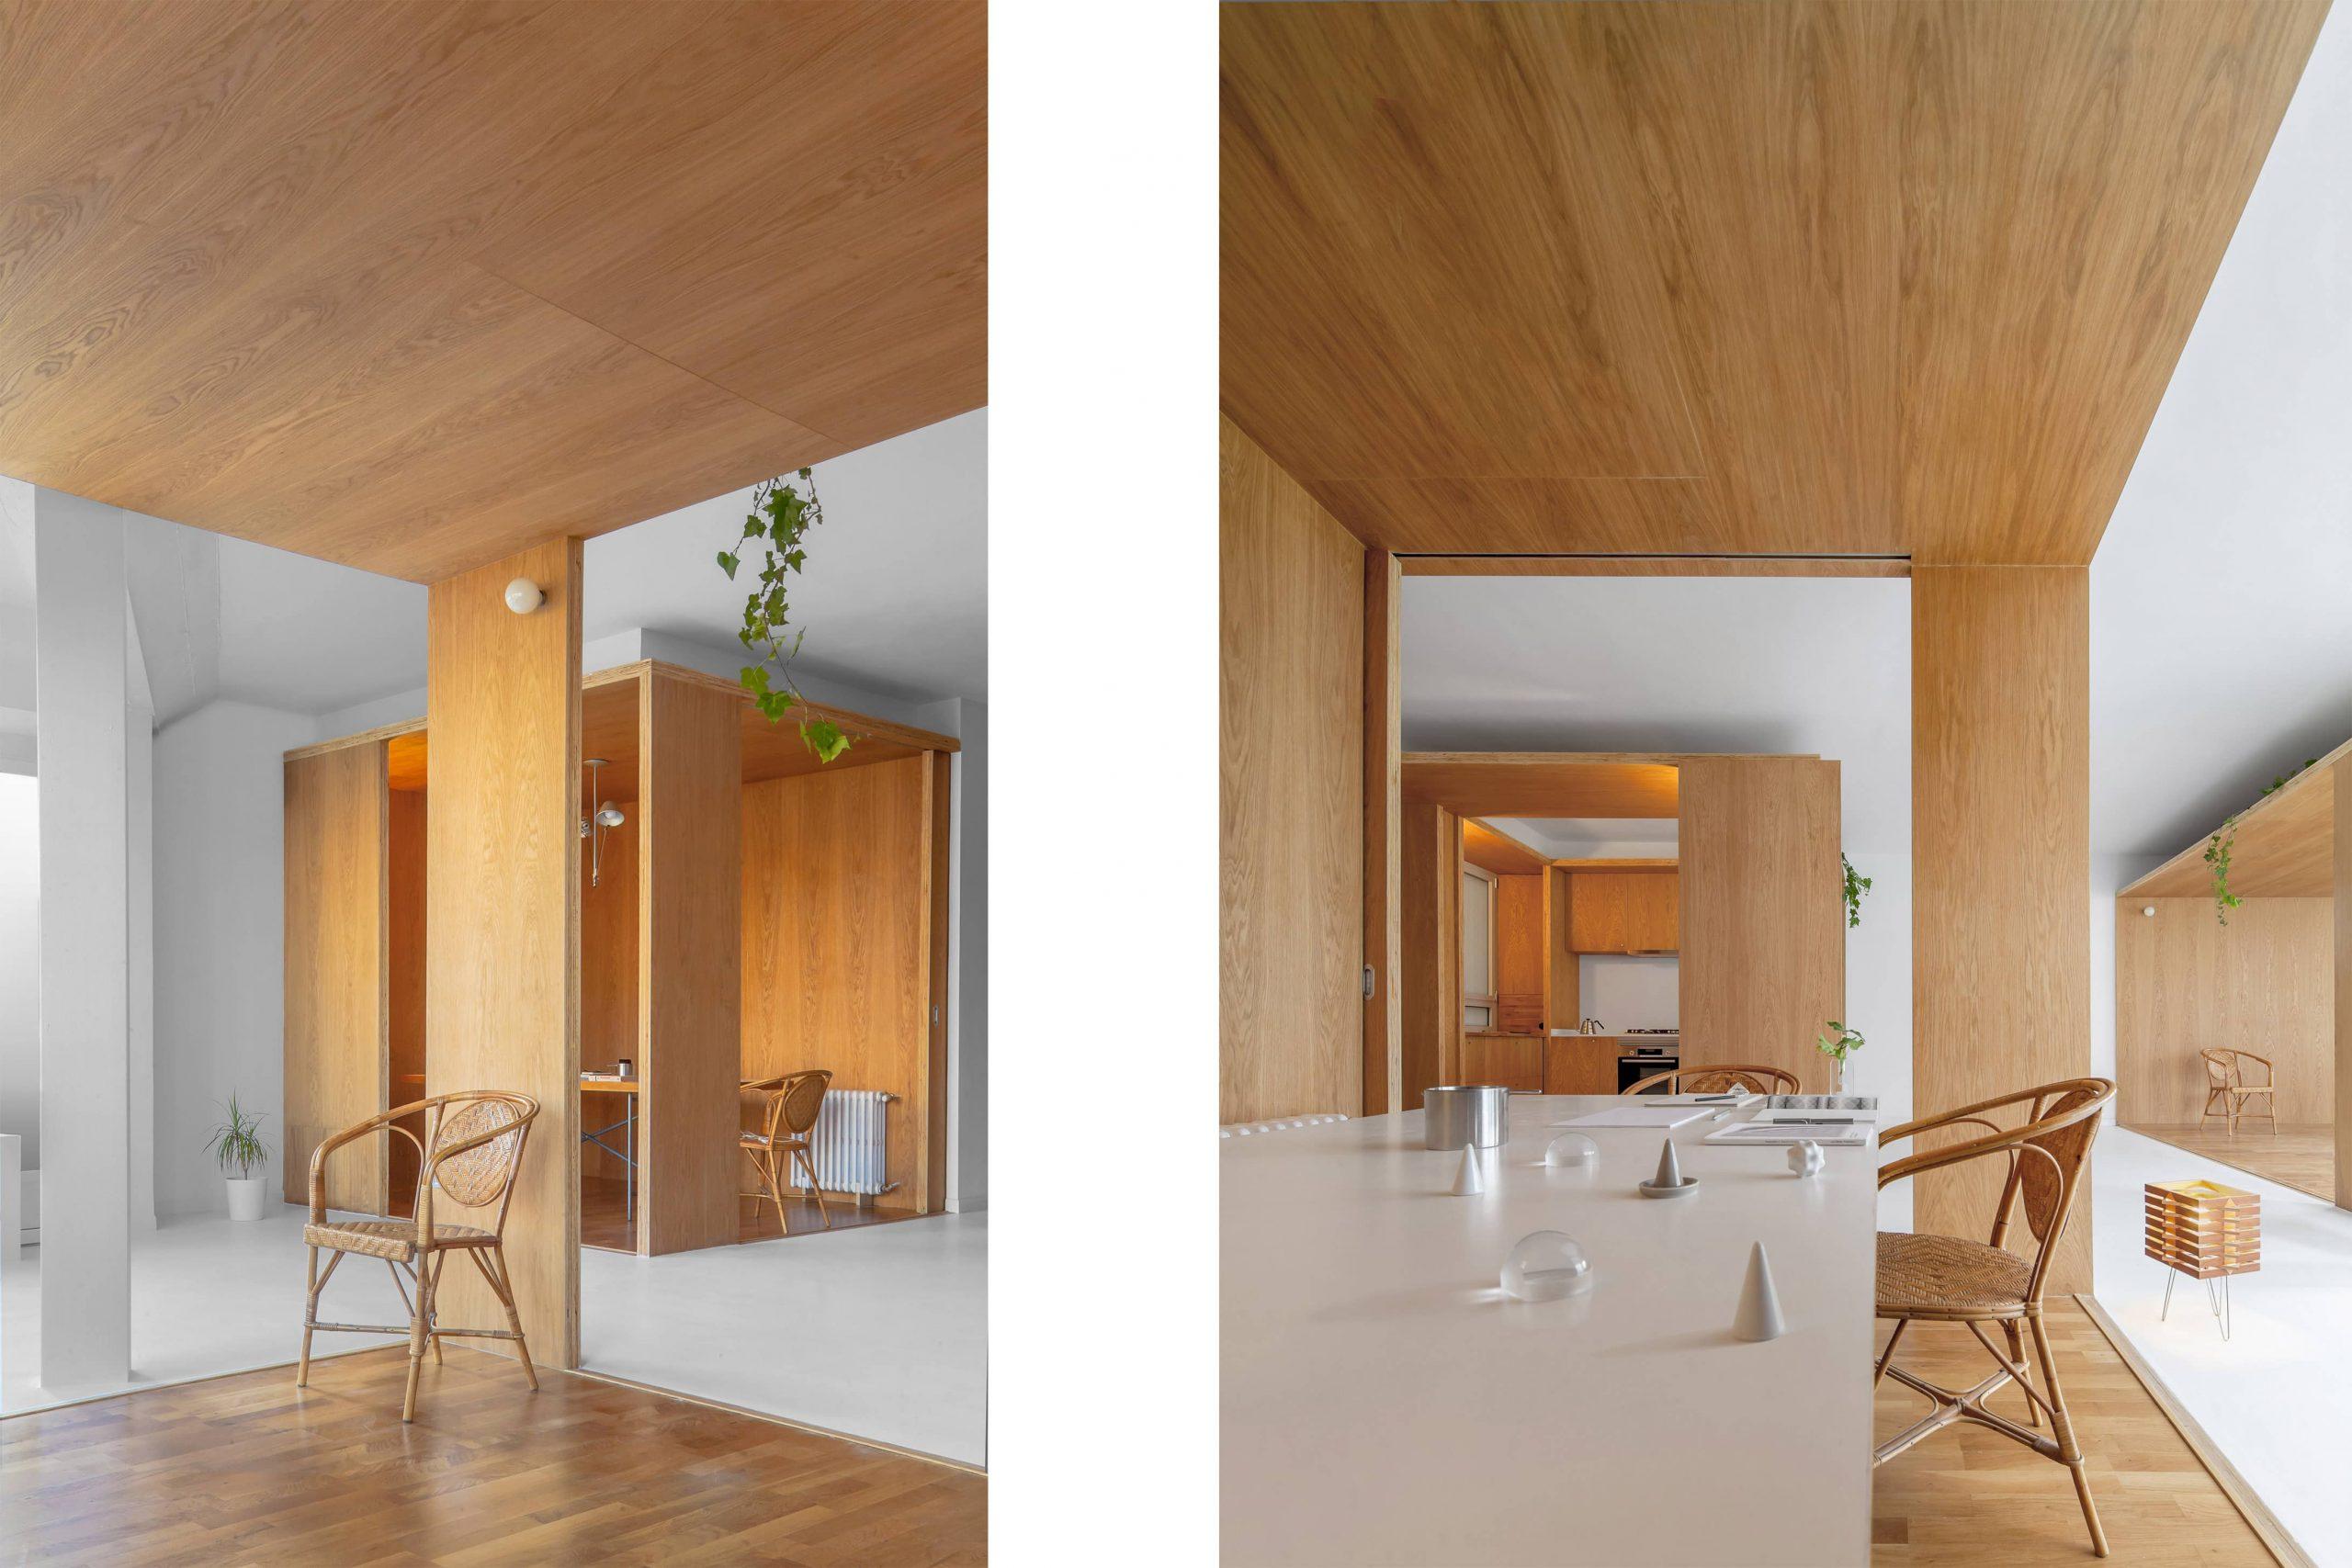 Sala de estar y estudio de la rehabilitación arquitectónica del apartamento extenso-intenso en Barcelona